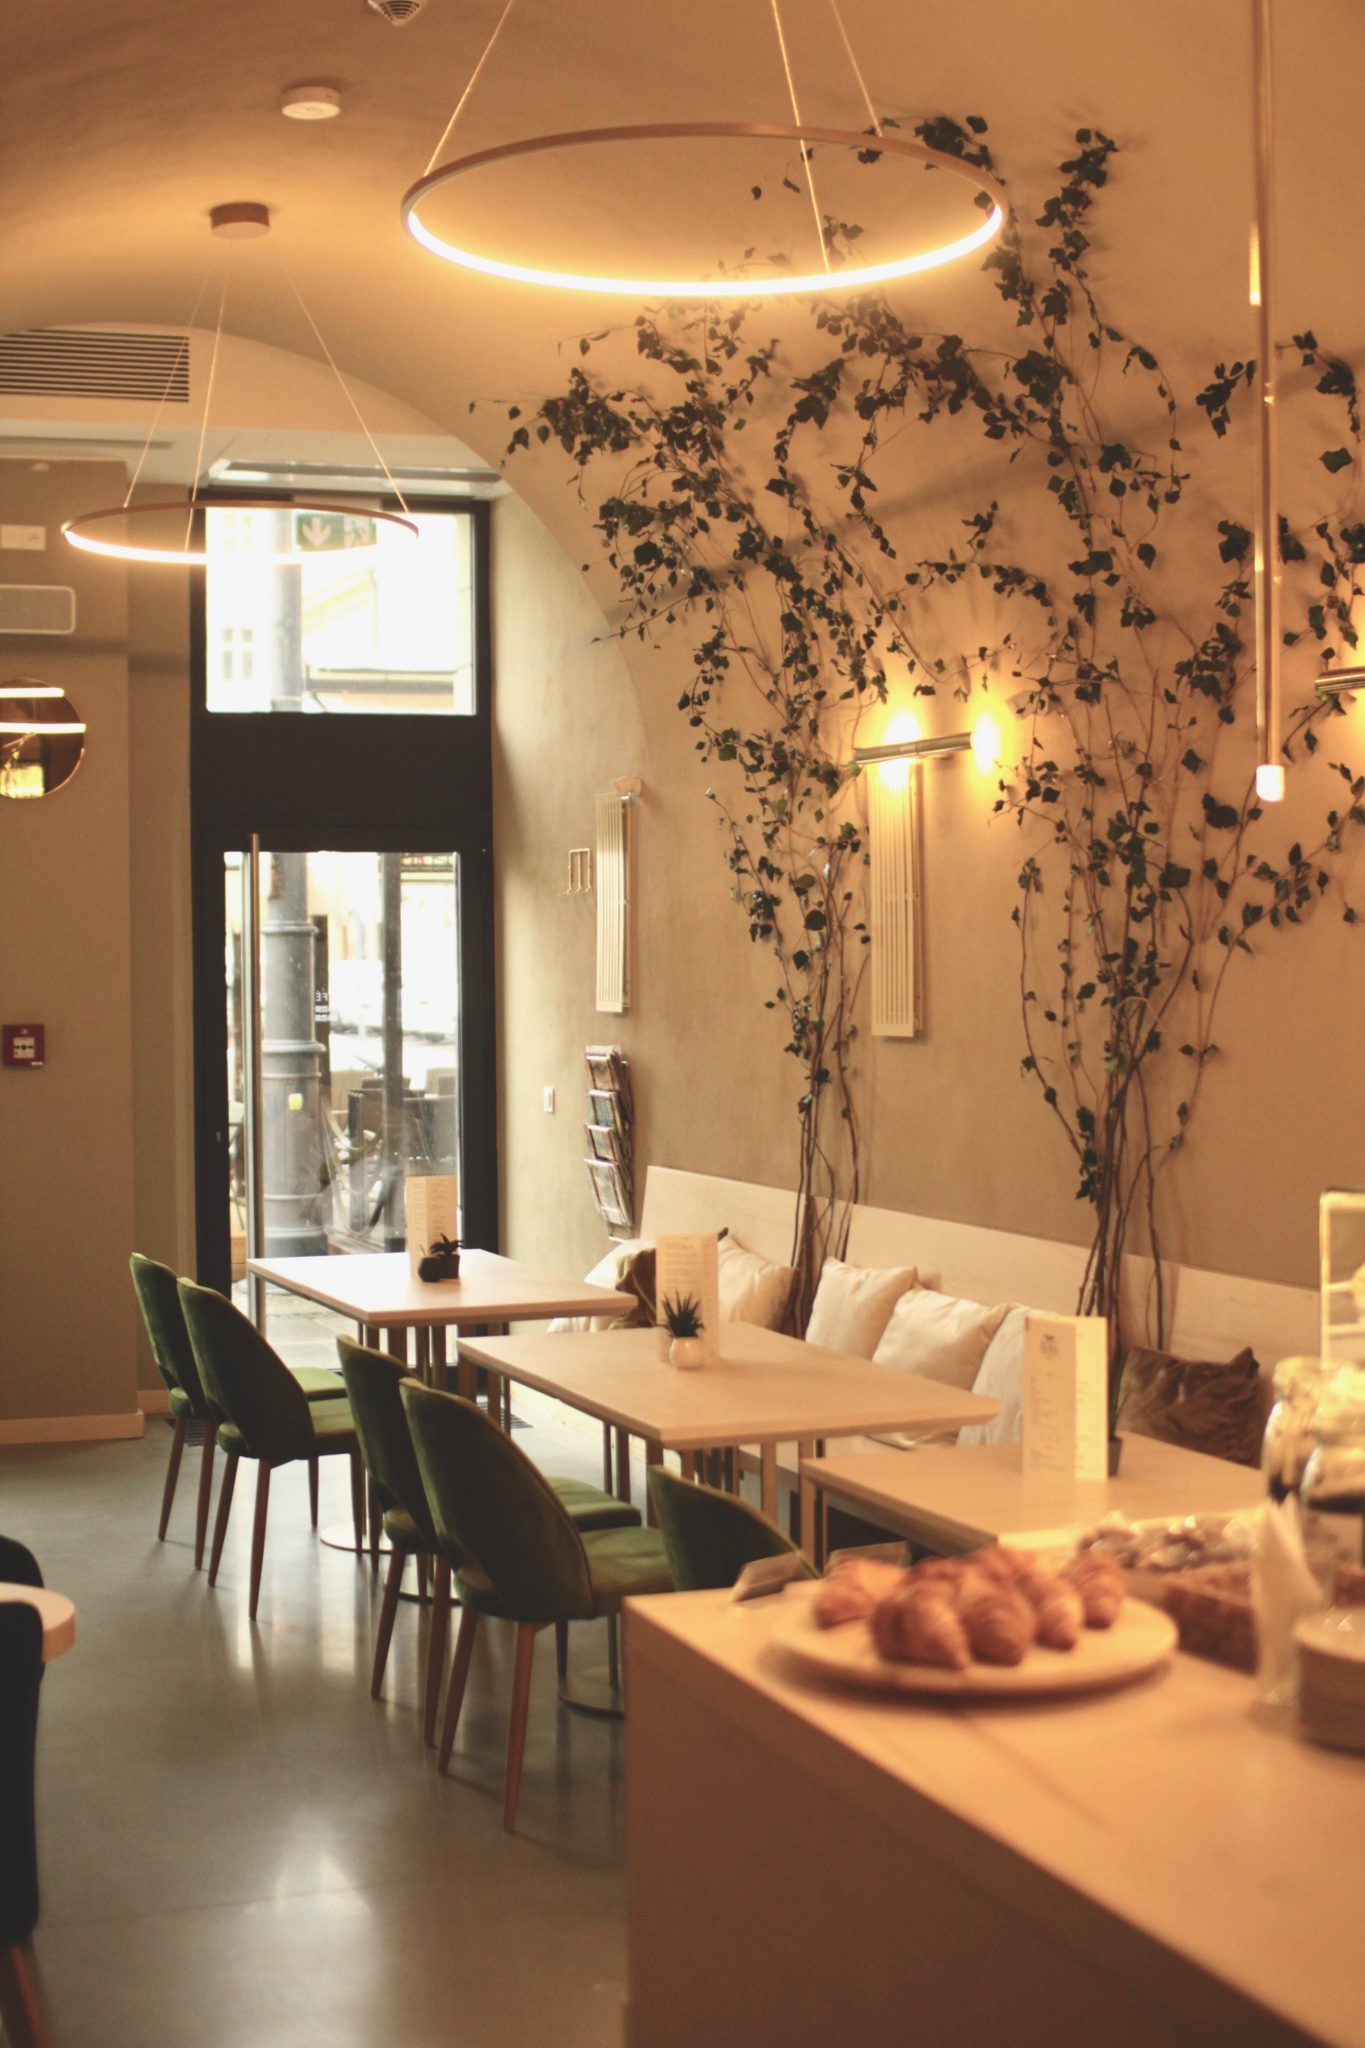 bema cafe, wyposażenie restauracji, wyposażenie kawiarni, kompleksowe wyposażenie gastronomi, meble do restauracji , meble do kawiarnibema cafe, wyposażenie restauracji, wyposażenie kawiarni, kompleksowe wyposażenie gastronomi, meble do restauracji , meble do kawiarni